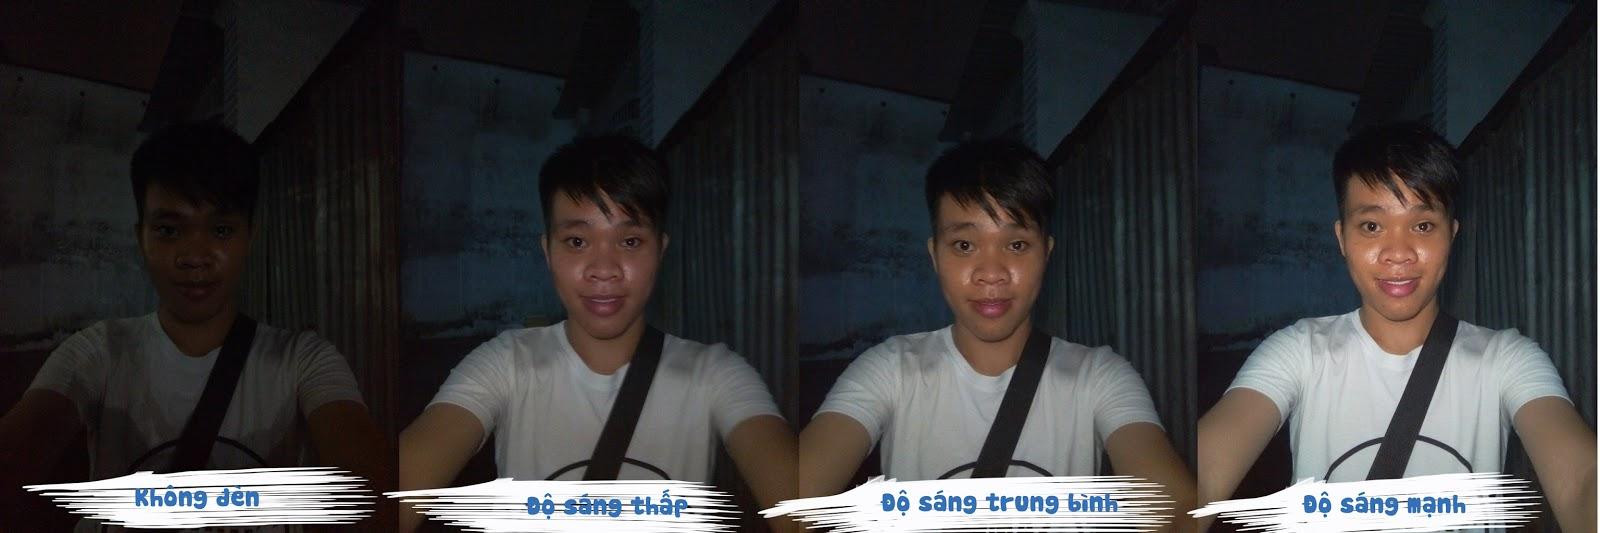 Thử chụp ảnh với 3 độ sáng khác nhau bằng đèn selfie gắn vào cổng tai nghe